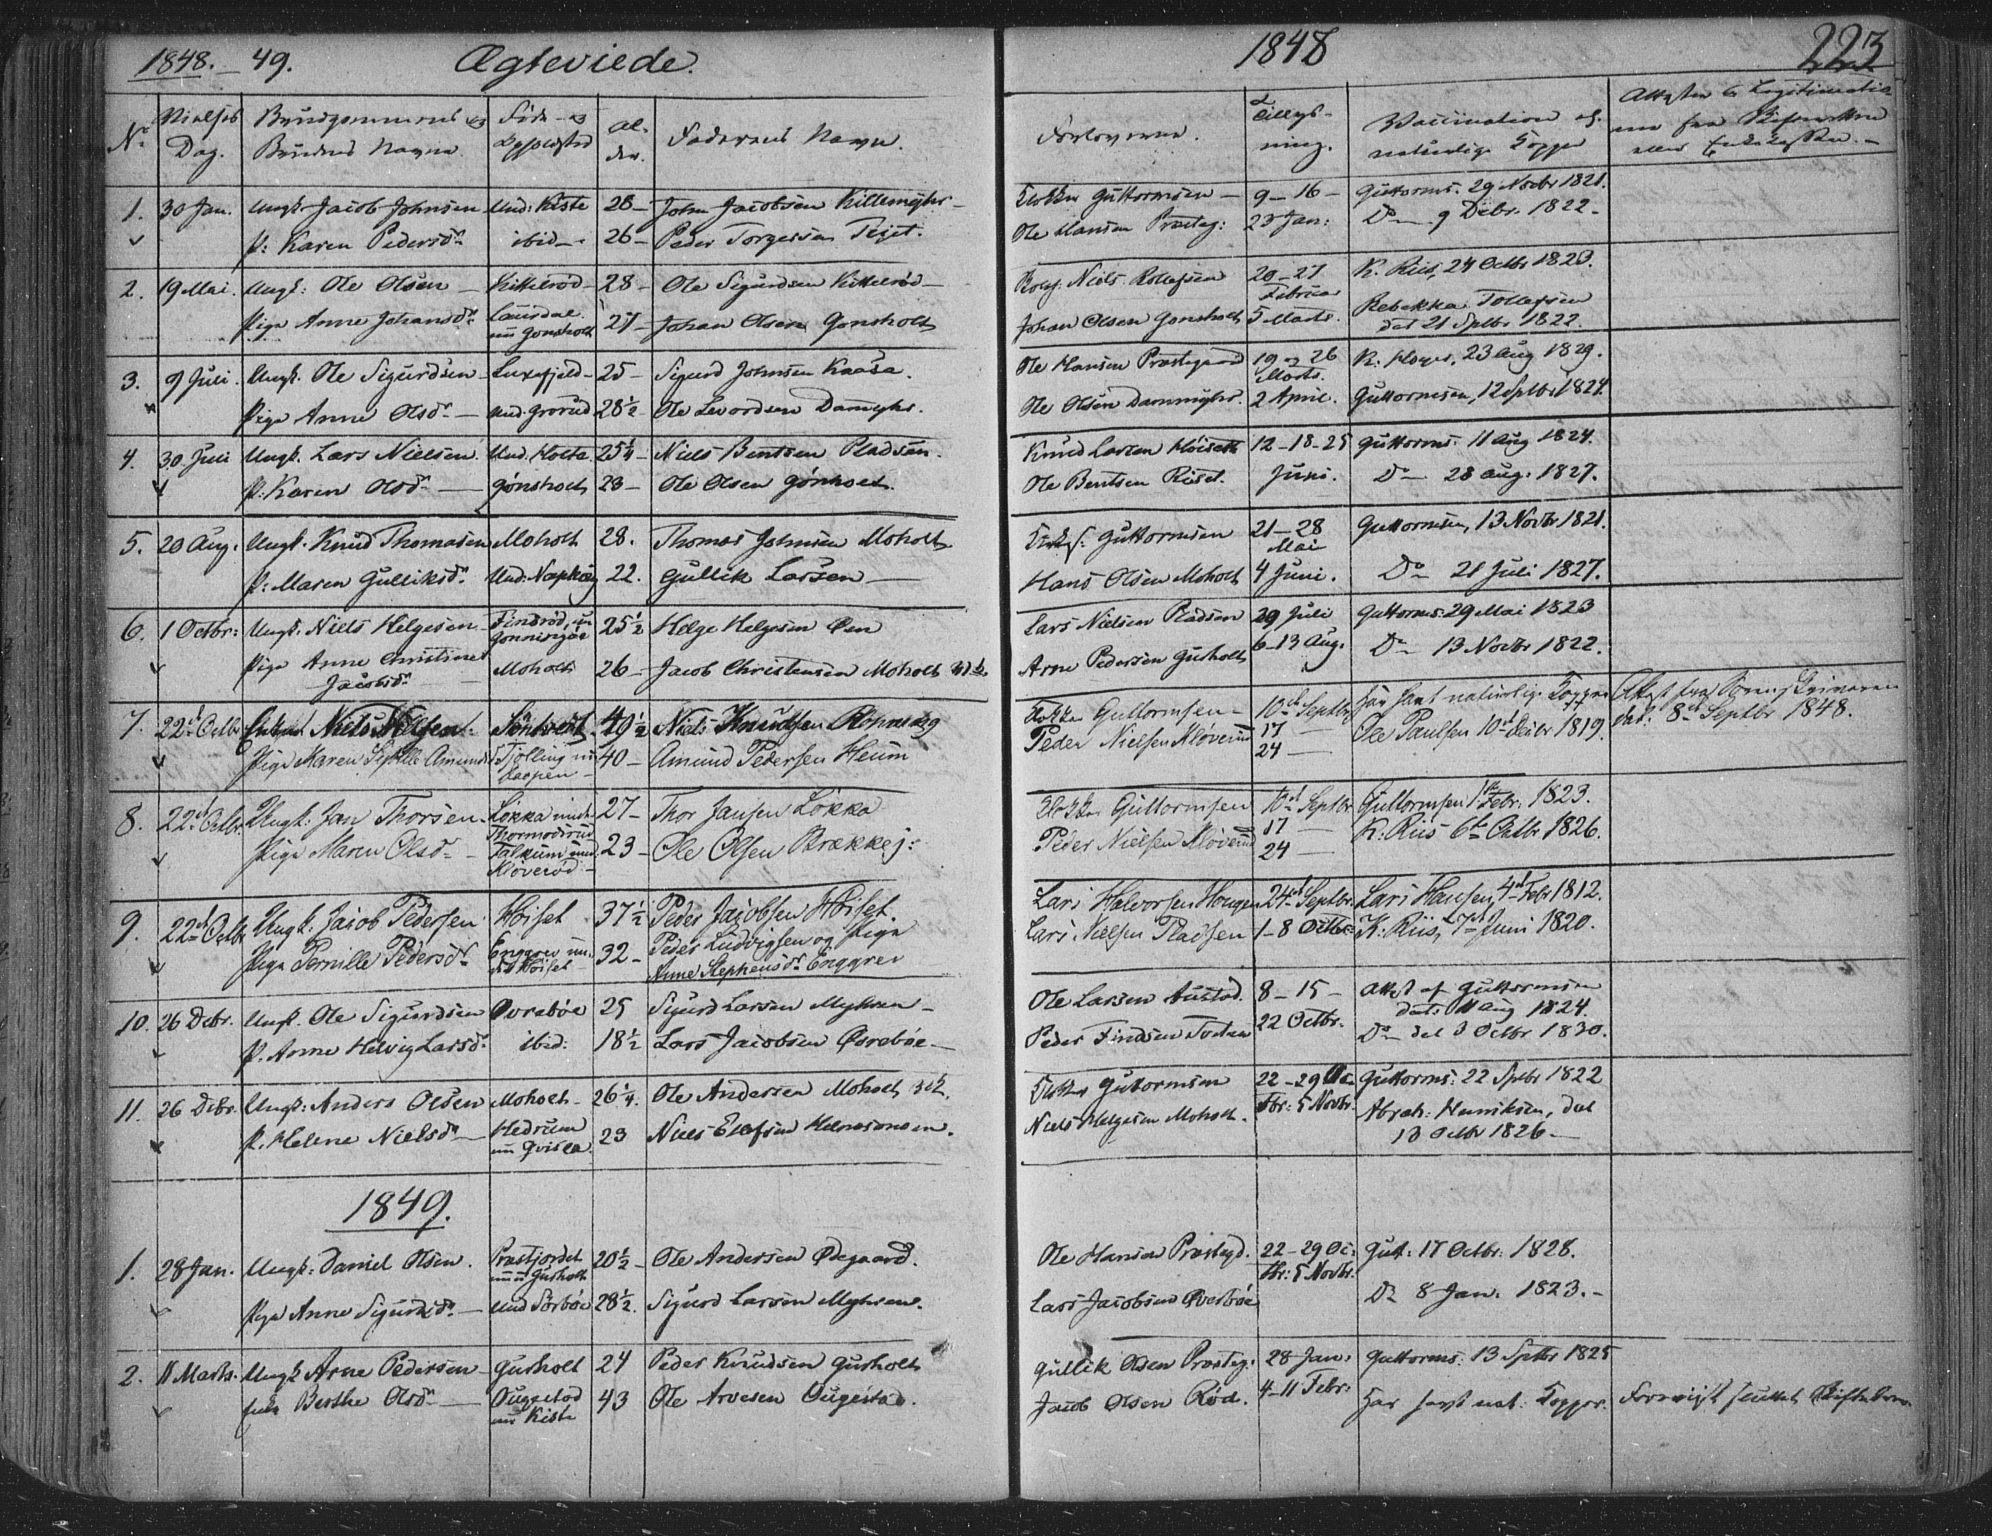 SAKO, Siljan kirkebøker, F/Fa/L0001: Ministerialbok nr. 1, 1831-1870, s. 223